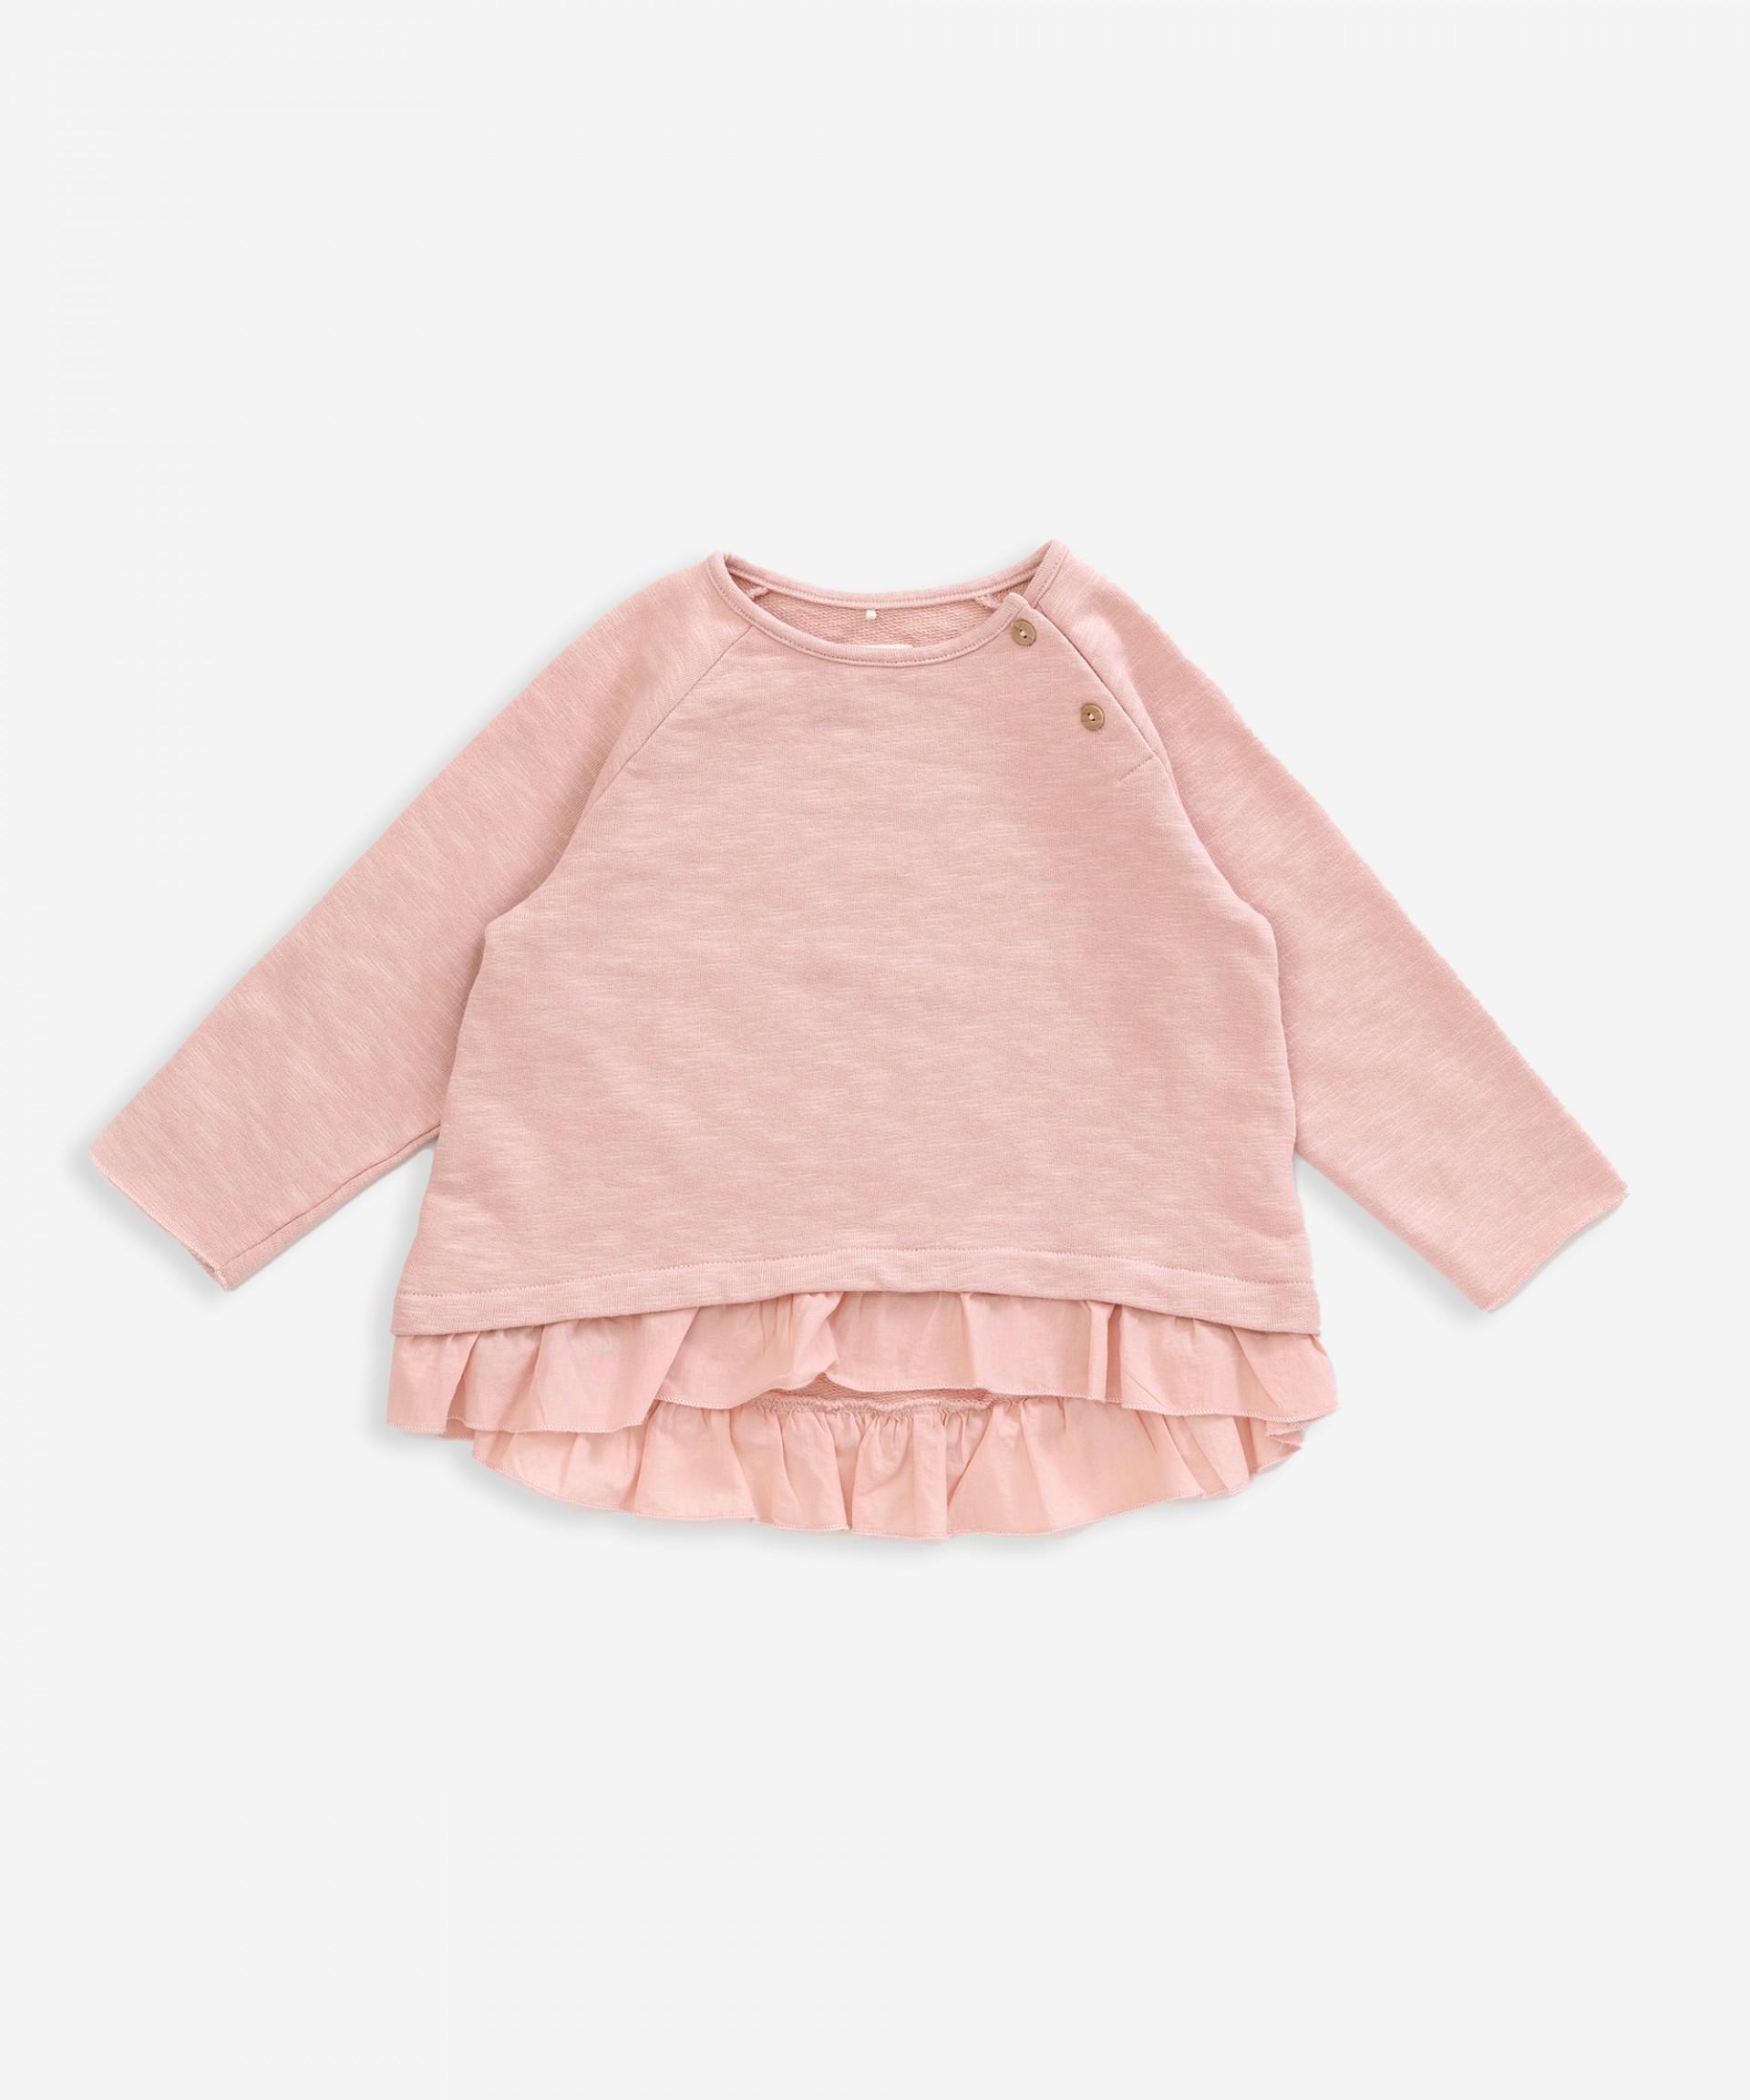 Camisola em algodão orgânico com folho | Weaving